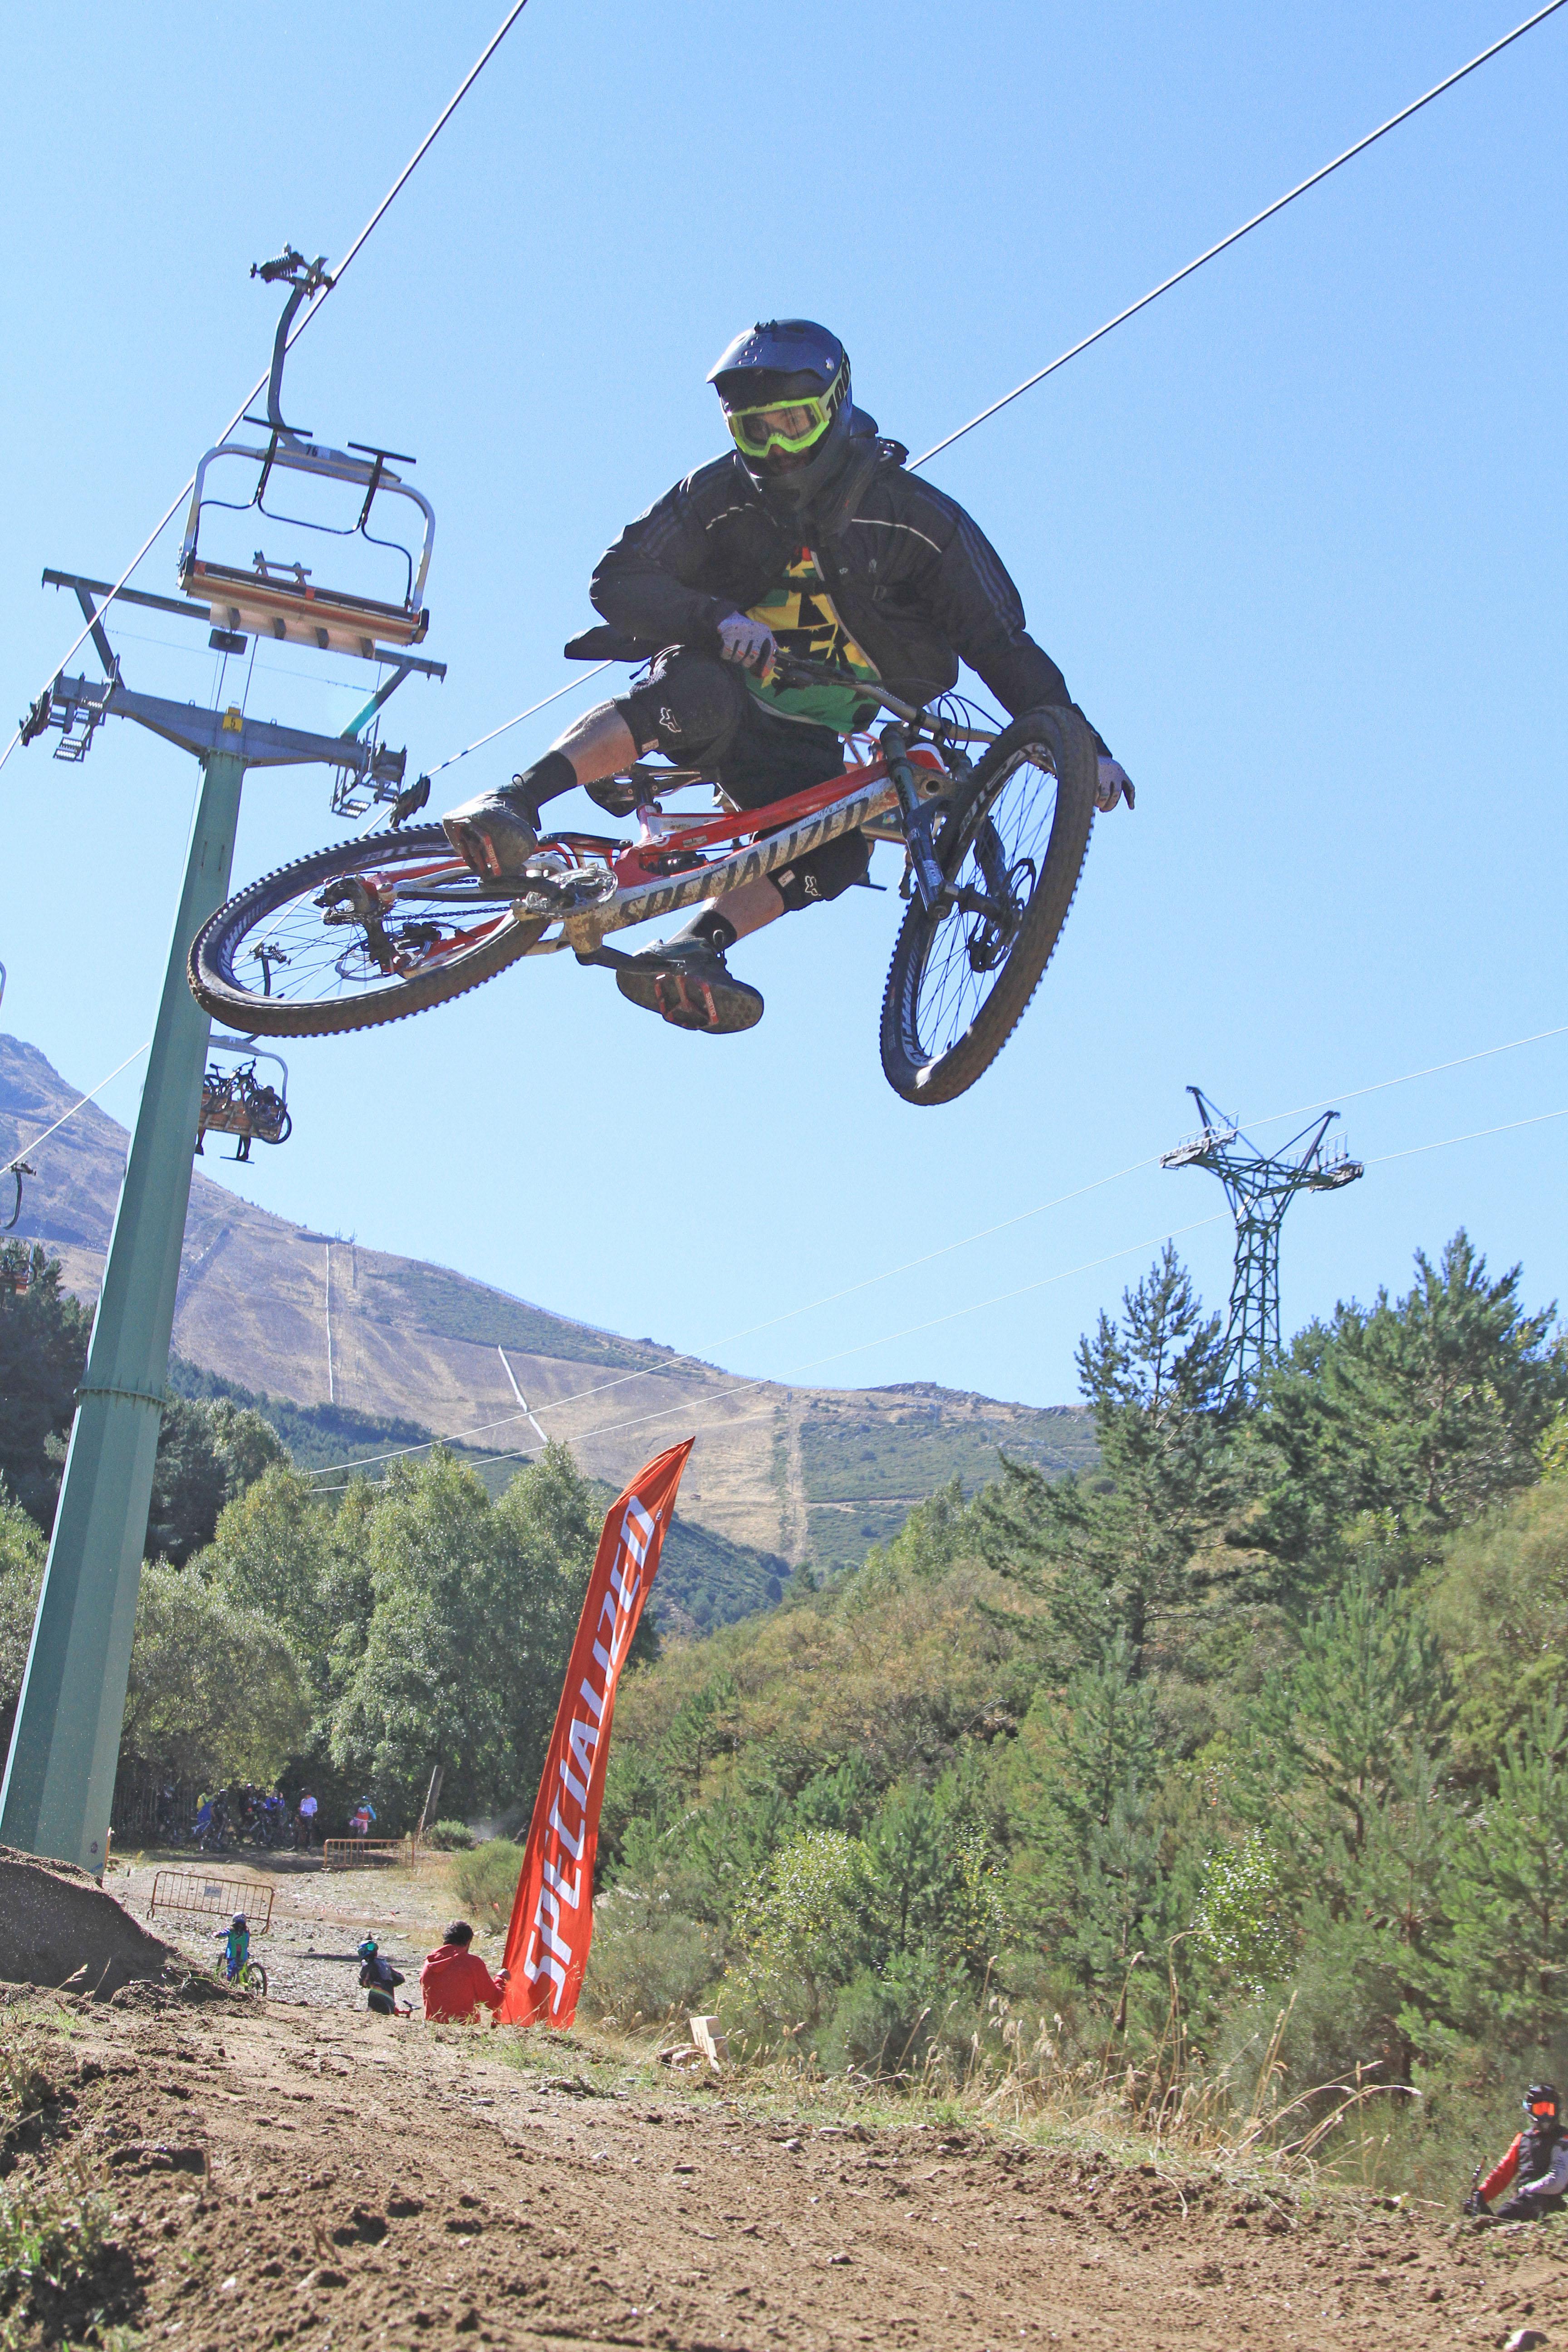 La Pinilla Bike Park